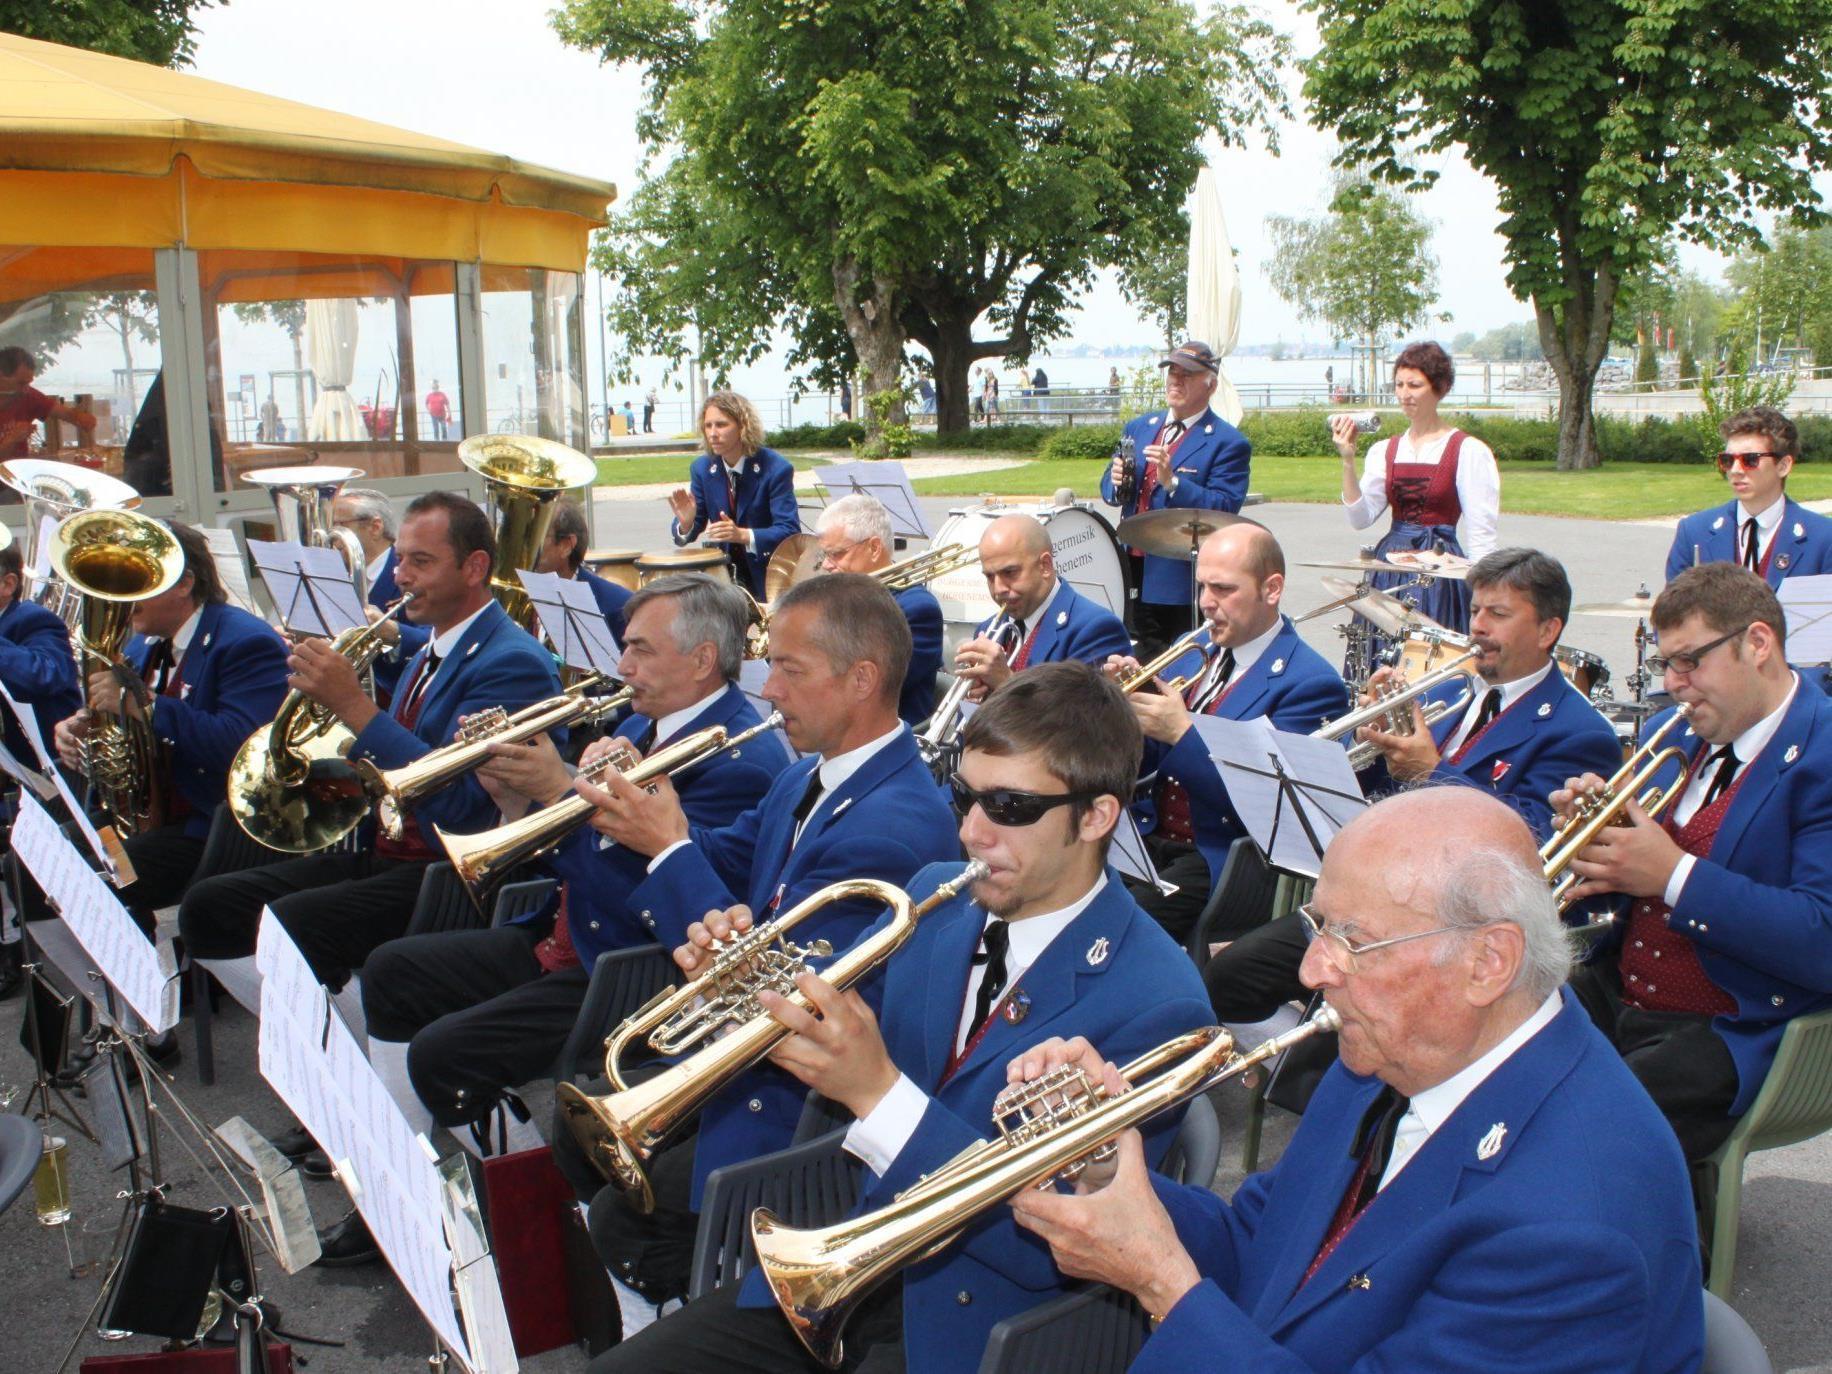 Zünftiger Blasmusikfrühschoppen am Kaiserstrand mit der Bürgermusik aus Hohenems.